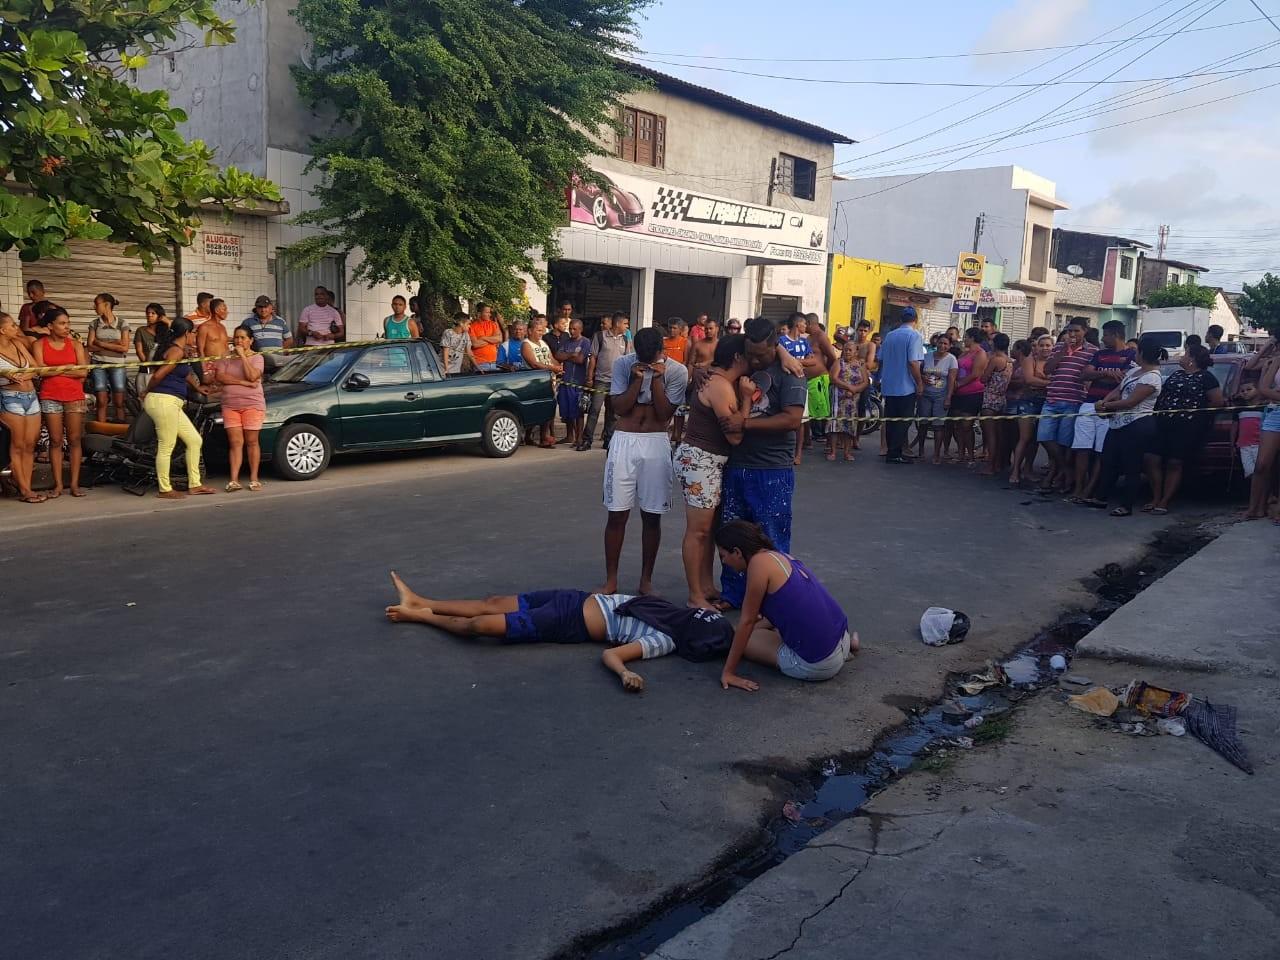 Homem é morto a tiros e suspeito de cometer o crime é preso na Ponta Grossa, em Maceió - Radio Evangelho Gospel